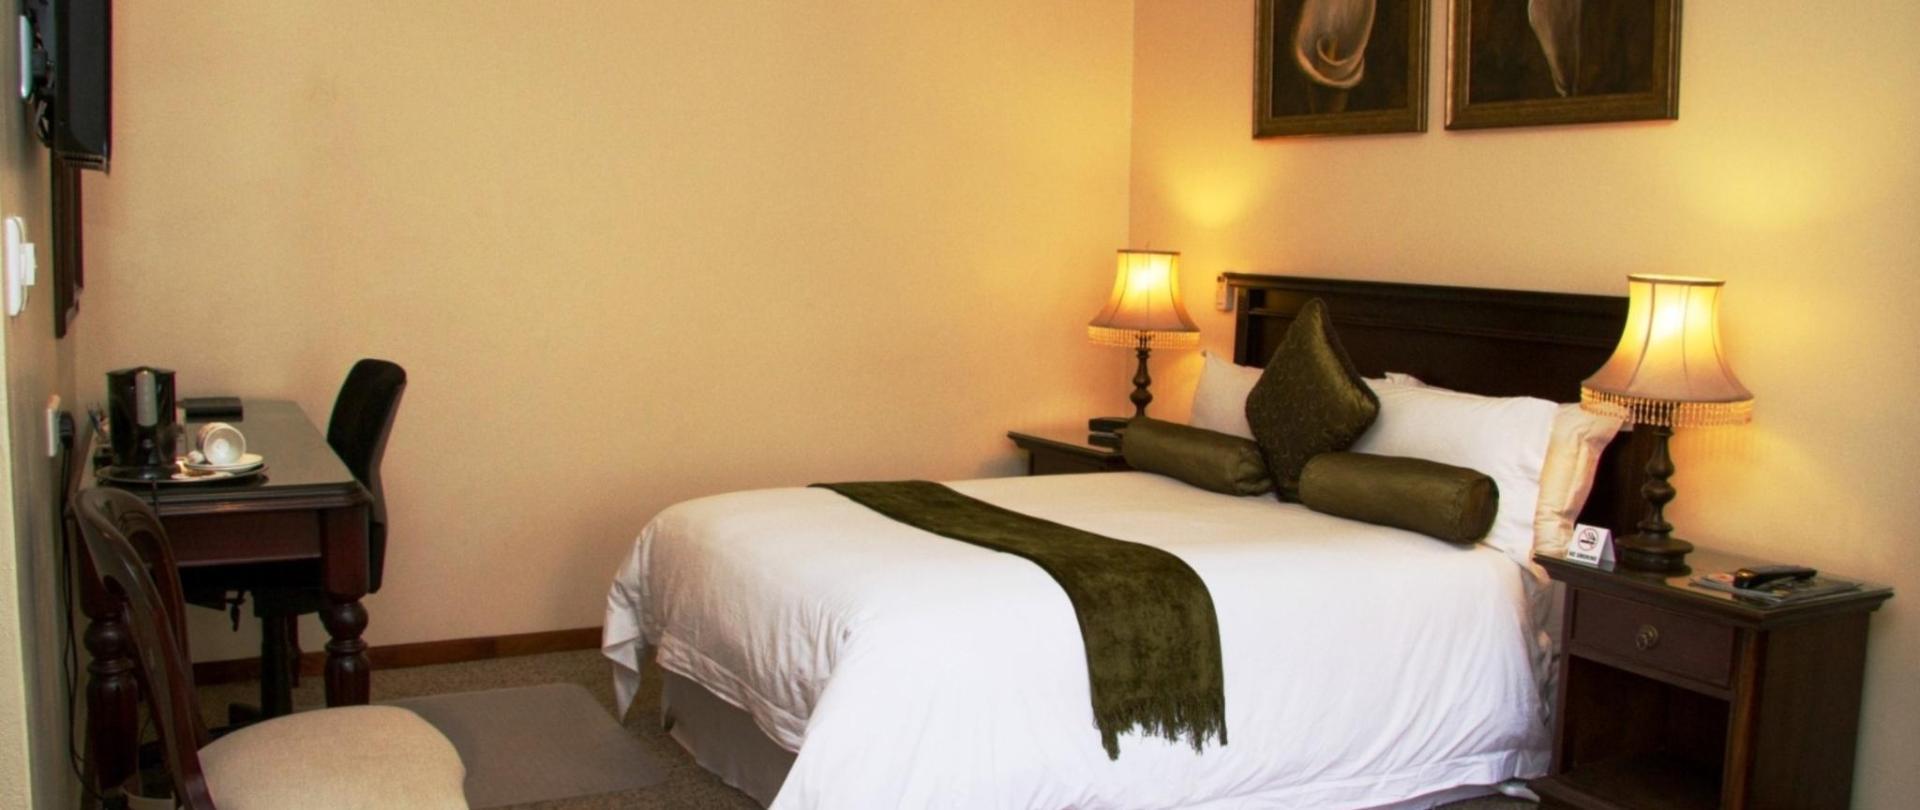 Standard Room (3).jpg